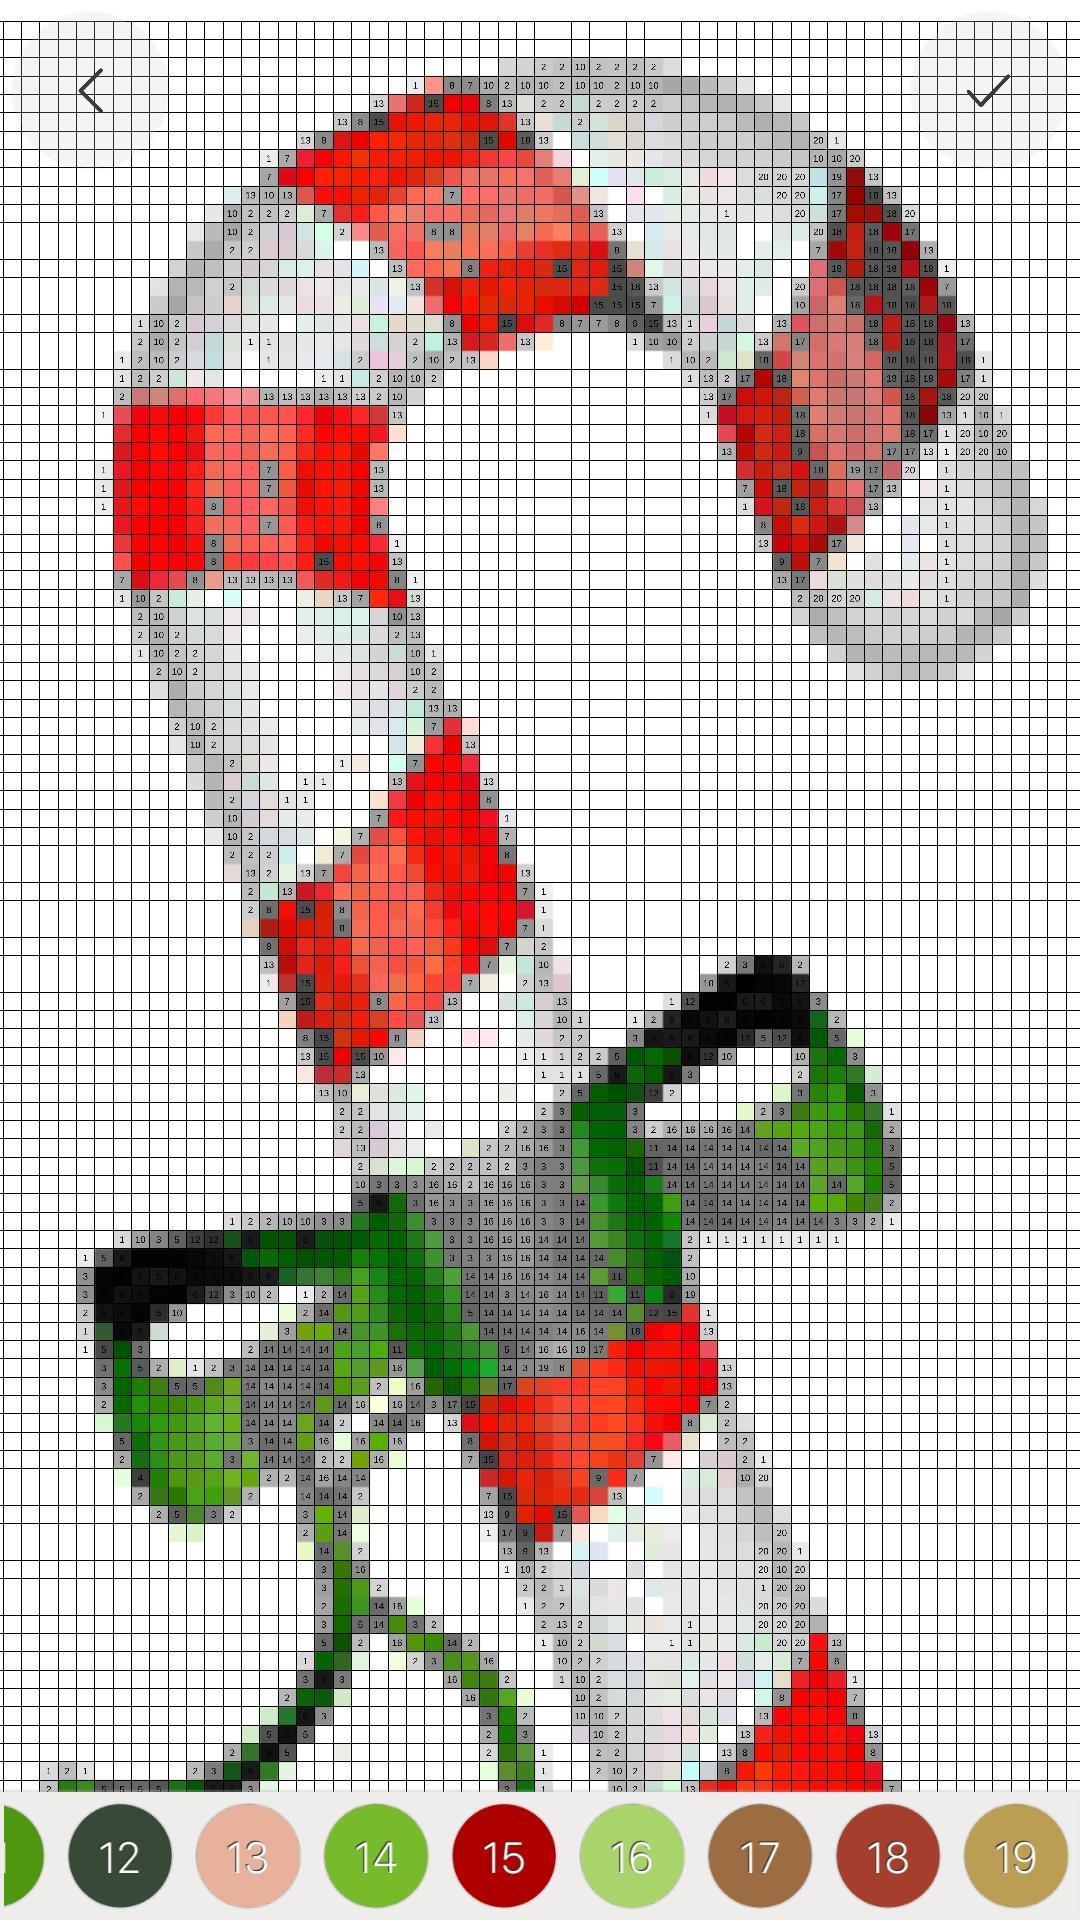 Android Için Christmas Pixel Art Adult Santa Color By Number pour Pixel Art De Noël